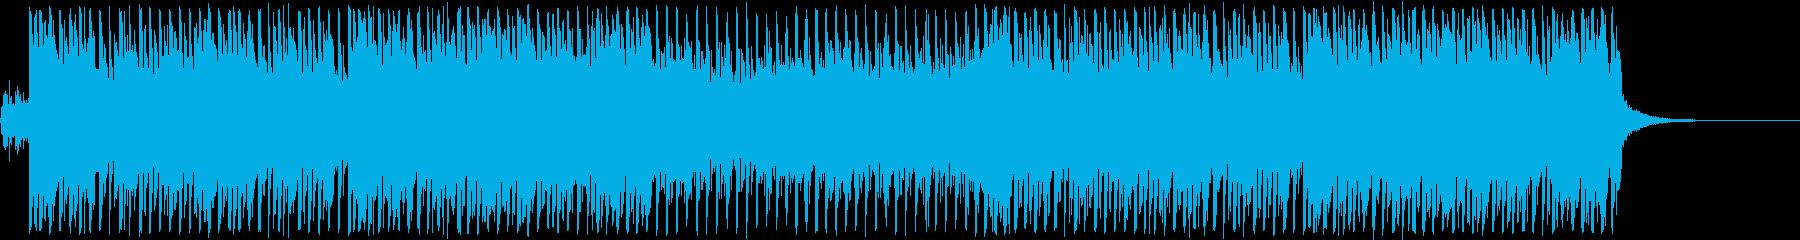 ゲーム/パズル/可愛いエレクトロポップスの再生済みの波形